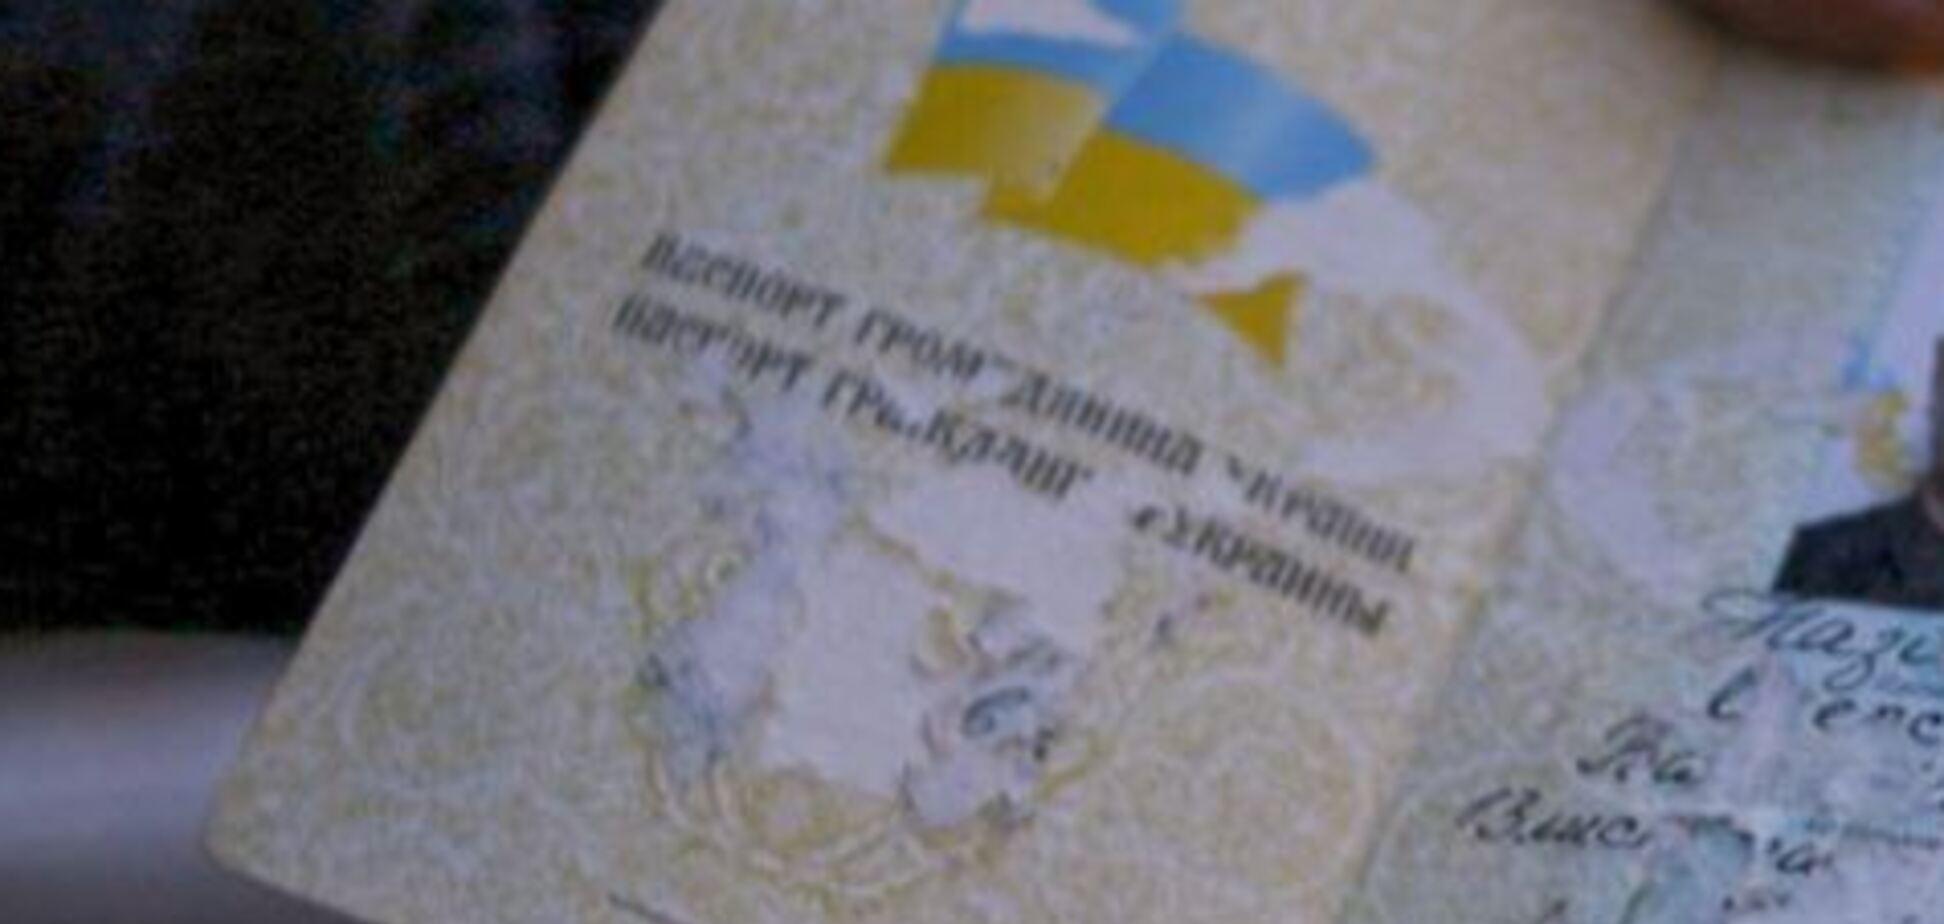 Склеїли паспорт: окупанти пішли на підлу провокацію в Криму